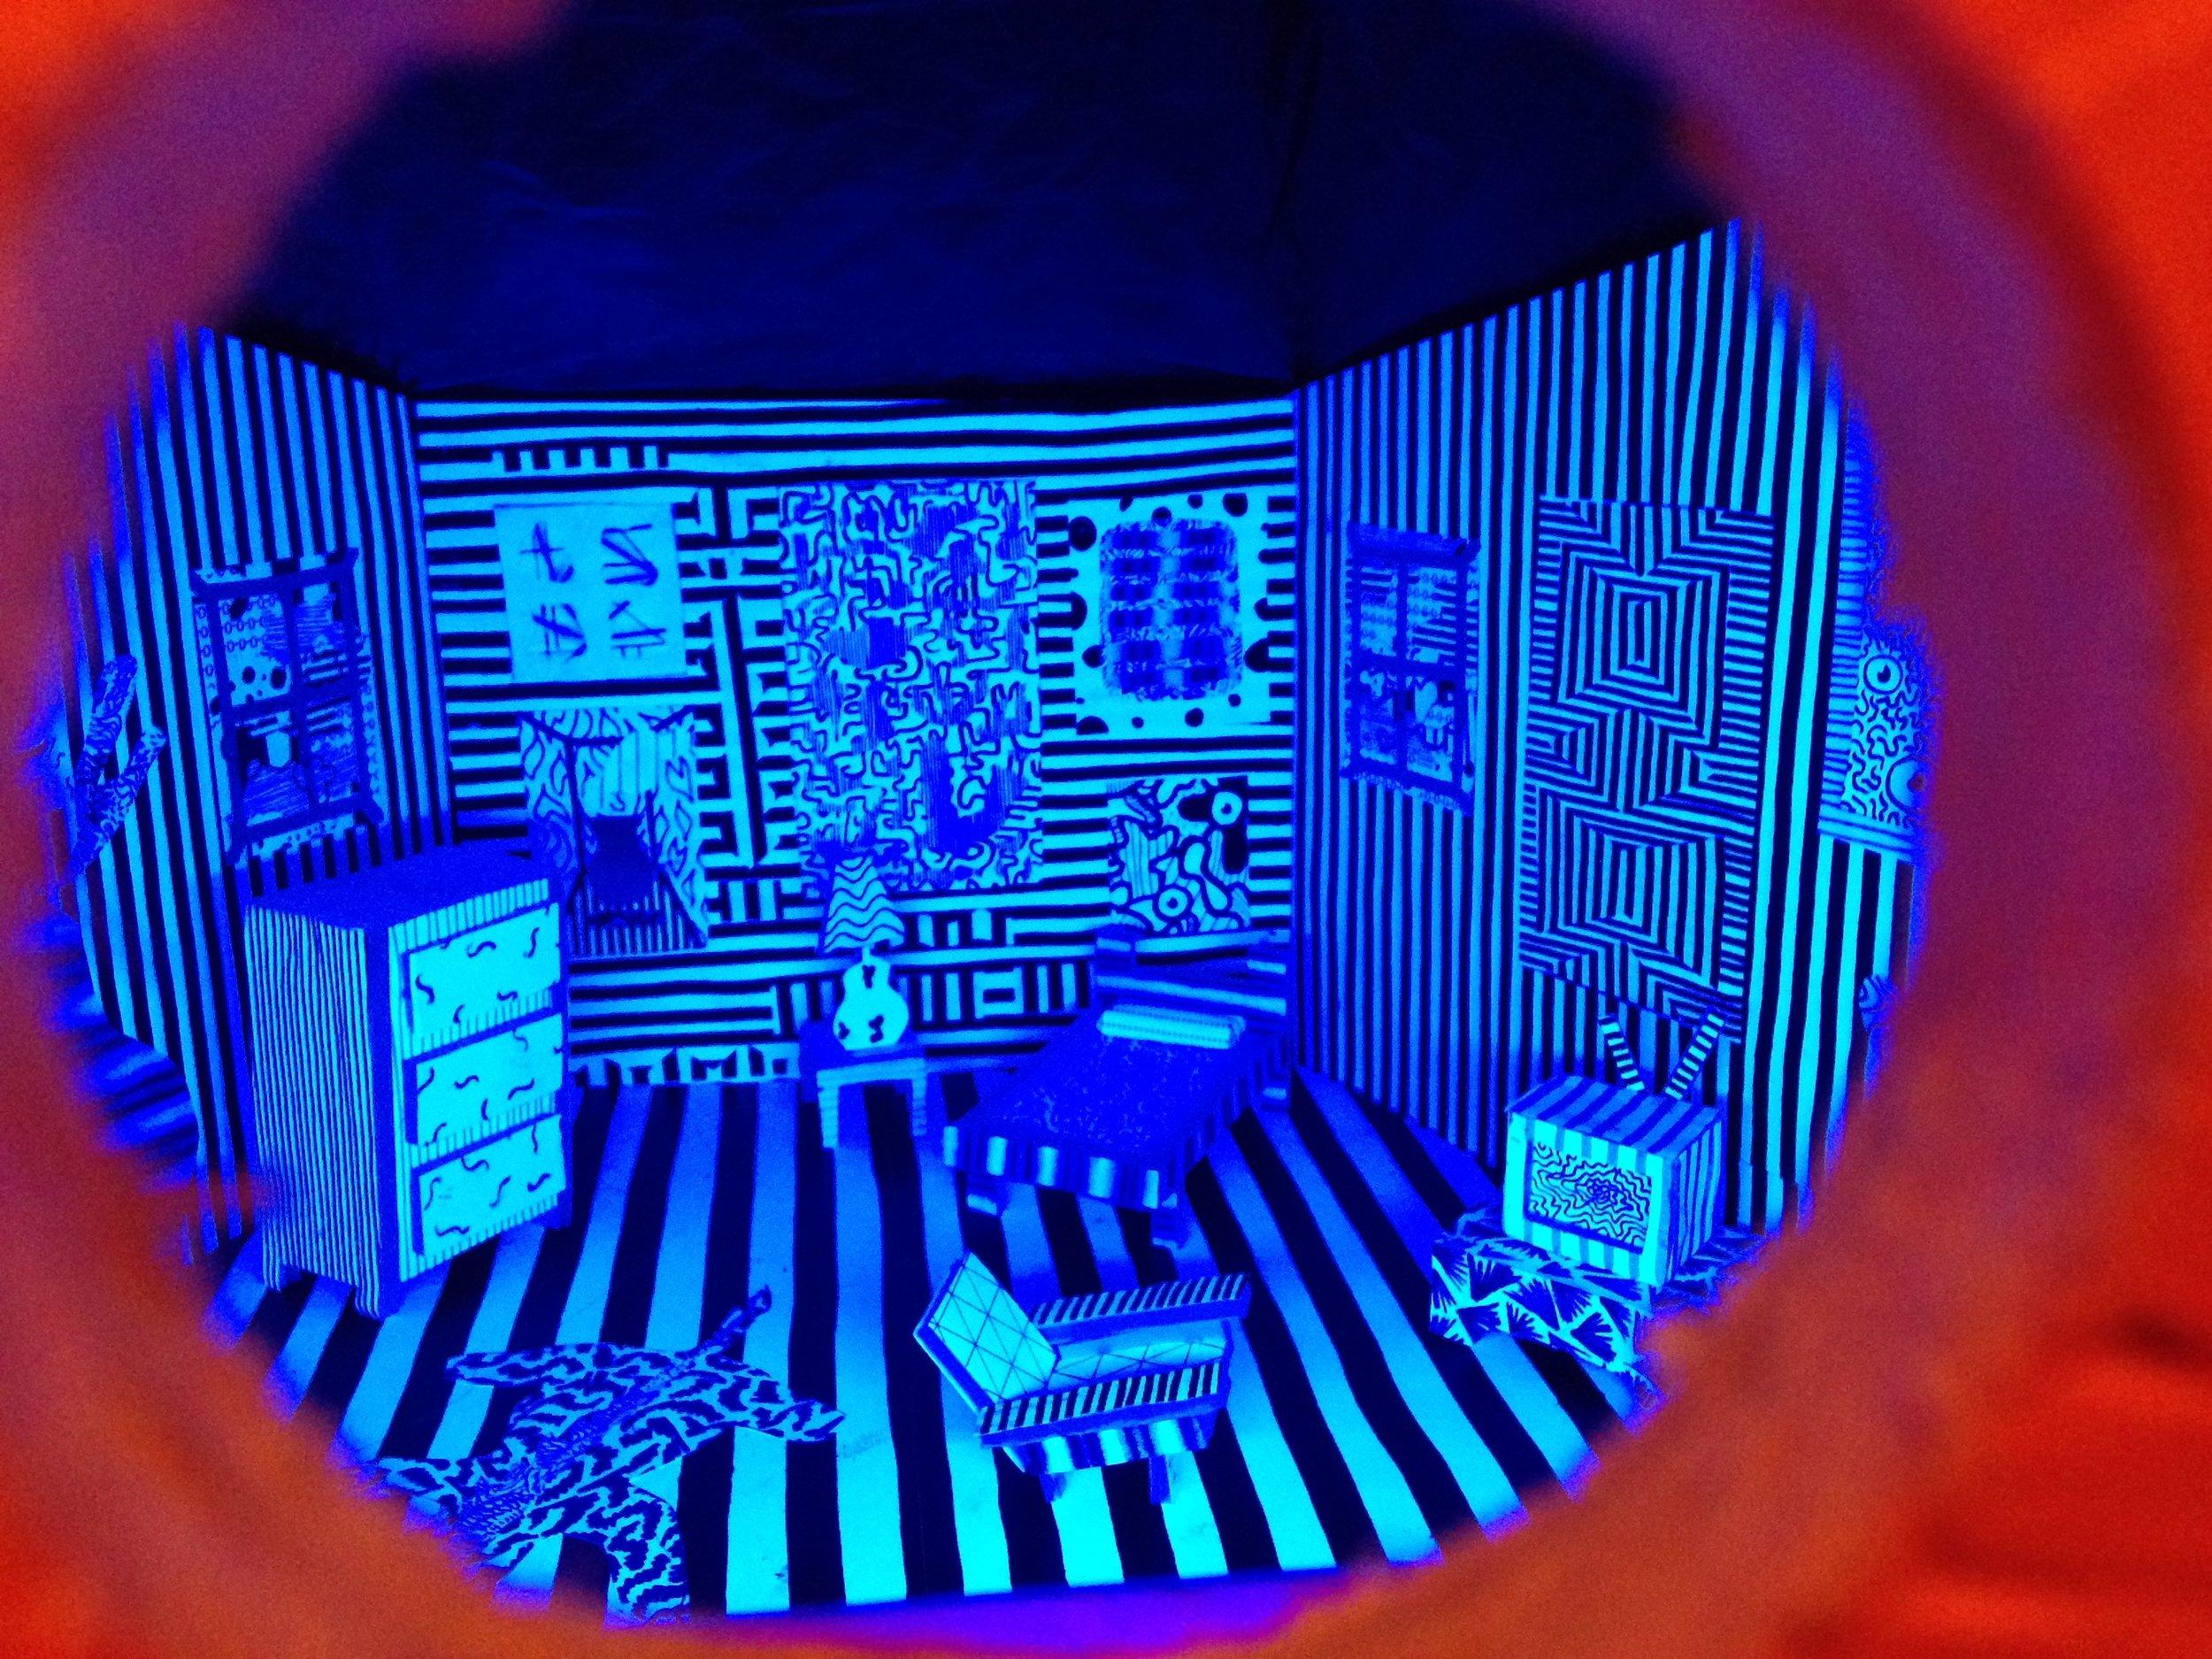 Peephole: David's Room